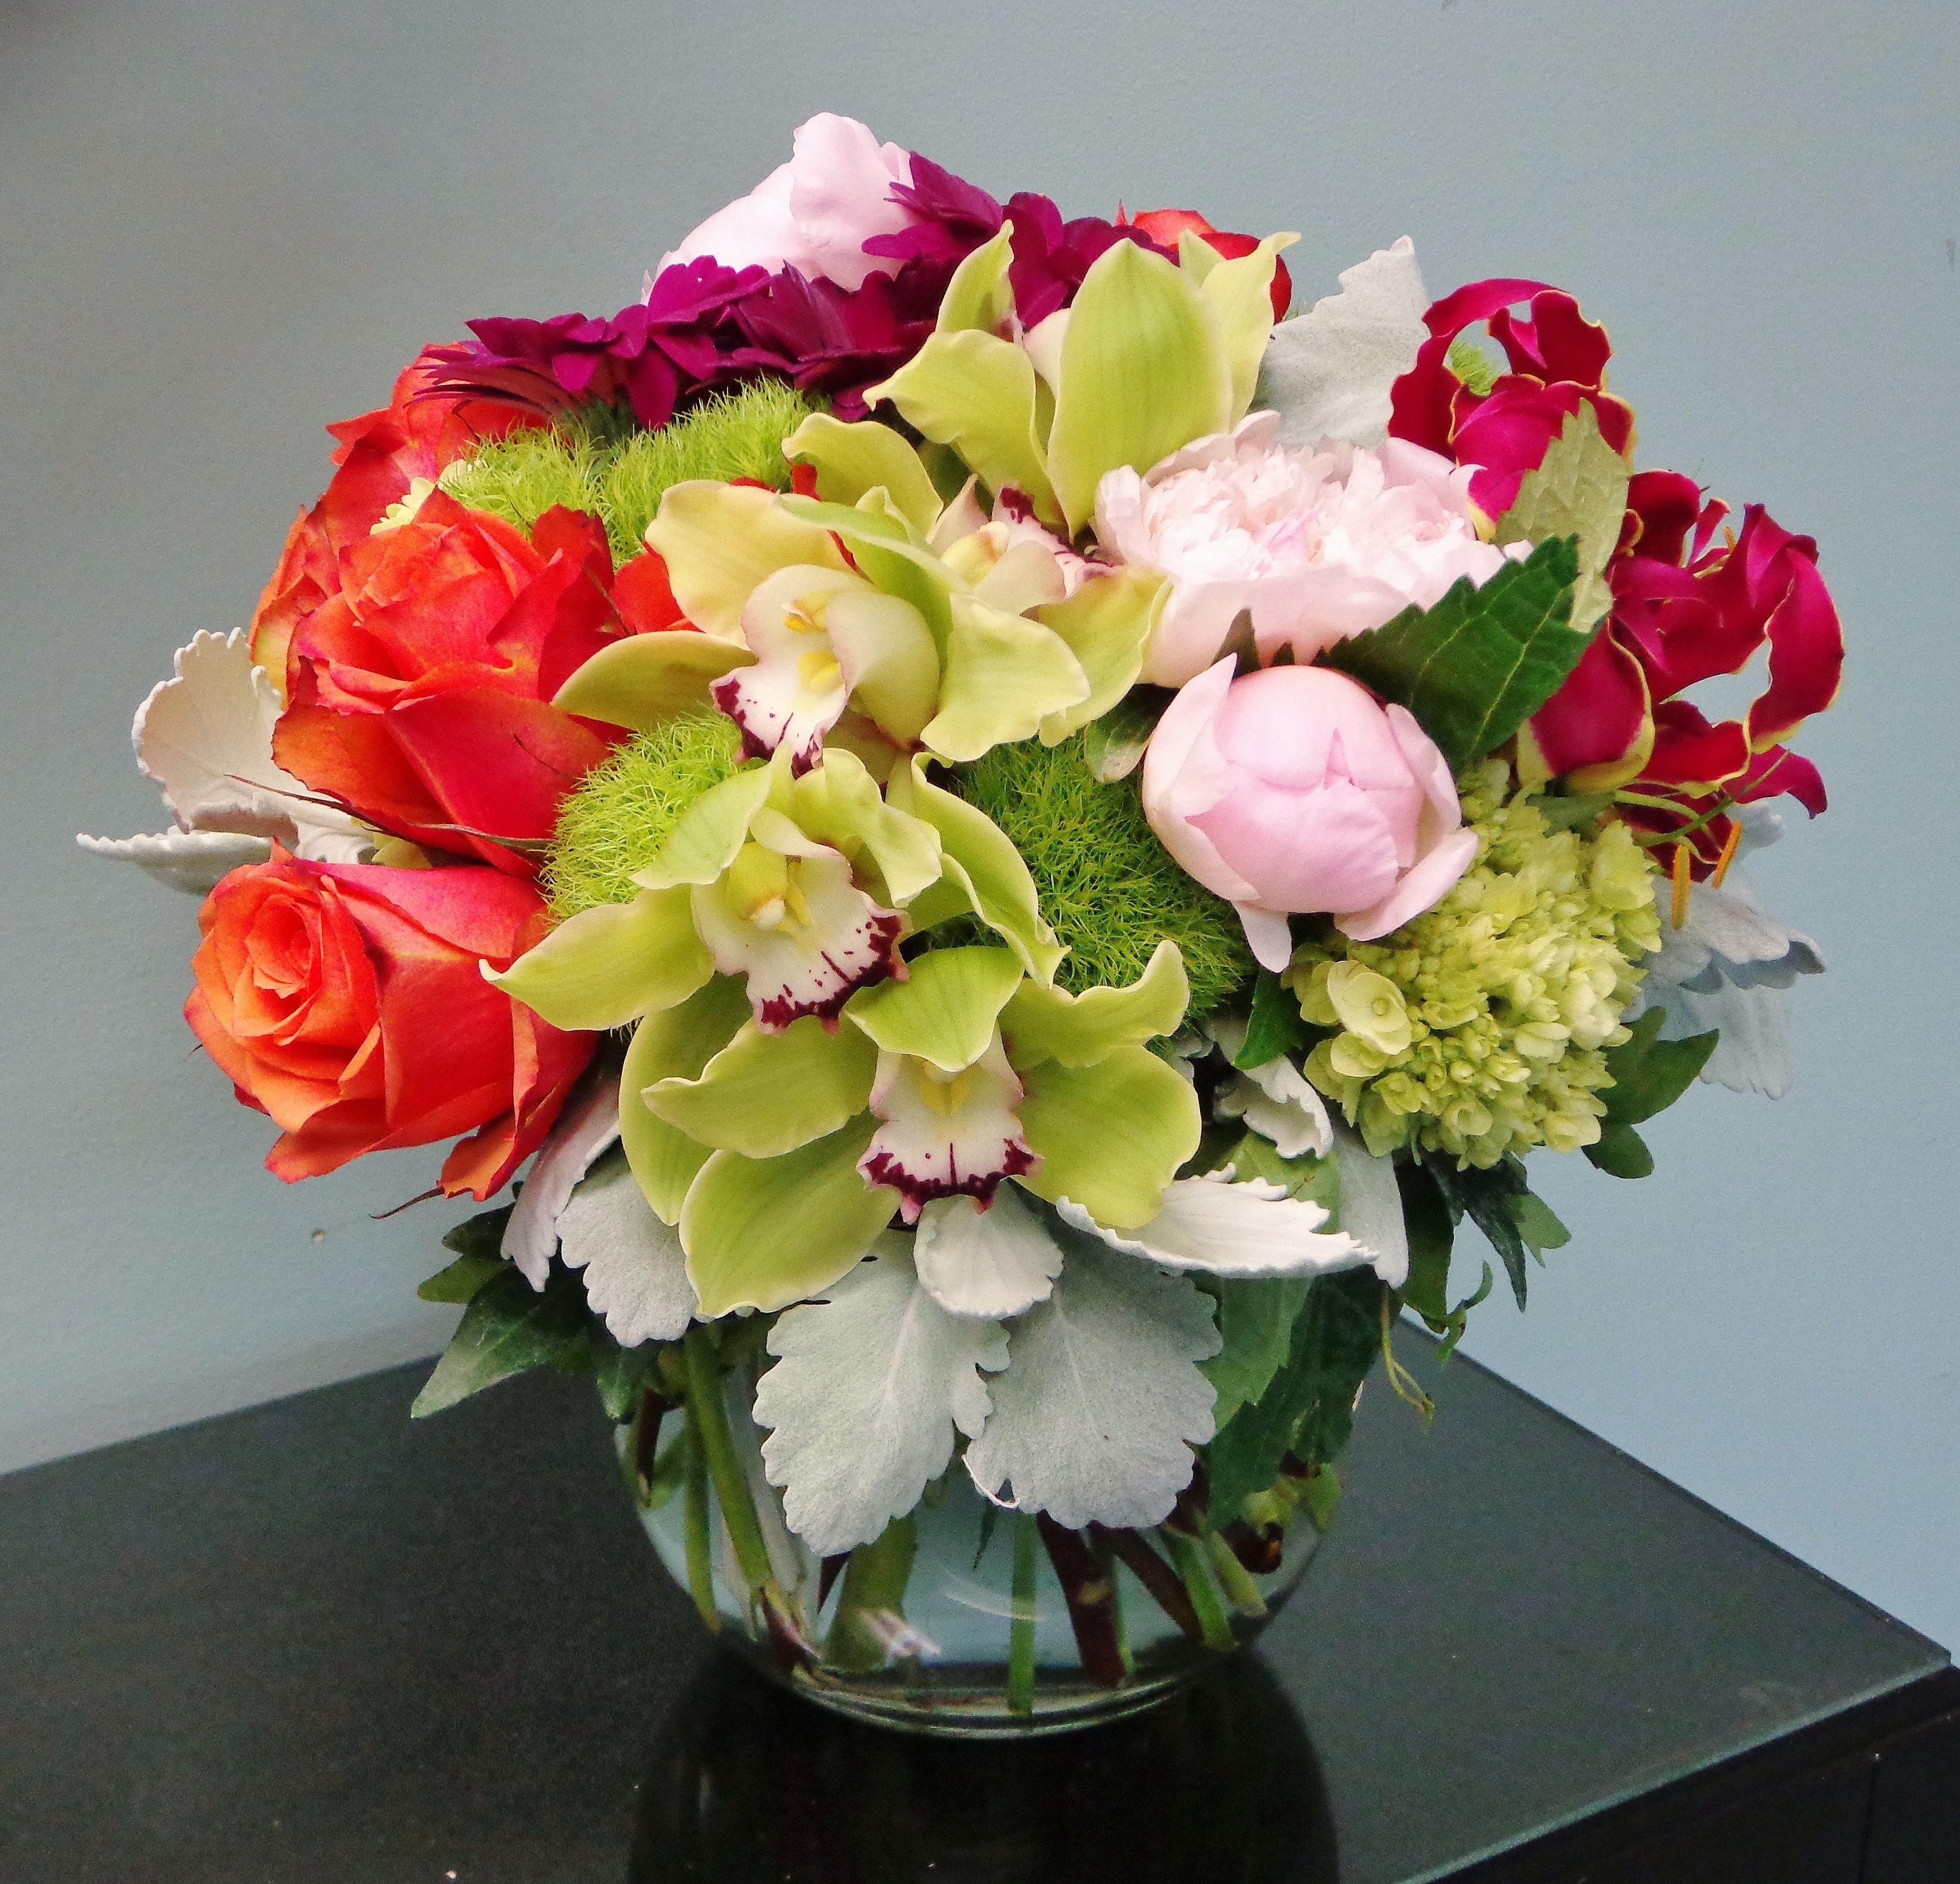 Cymbidium orchids, roses, gloriosa lilies, peonies, gerberas, green trick, viburnun and Lamb's Ear (Dusty Miller)